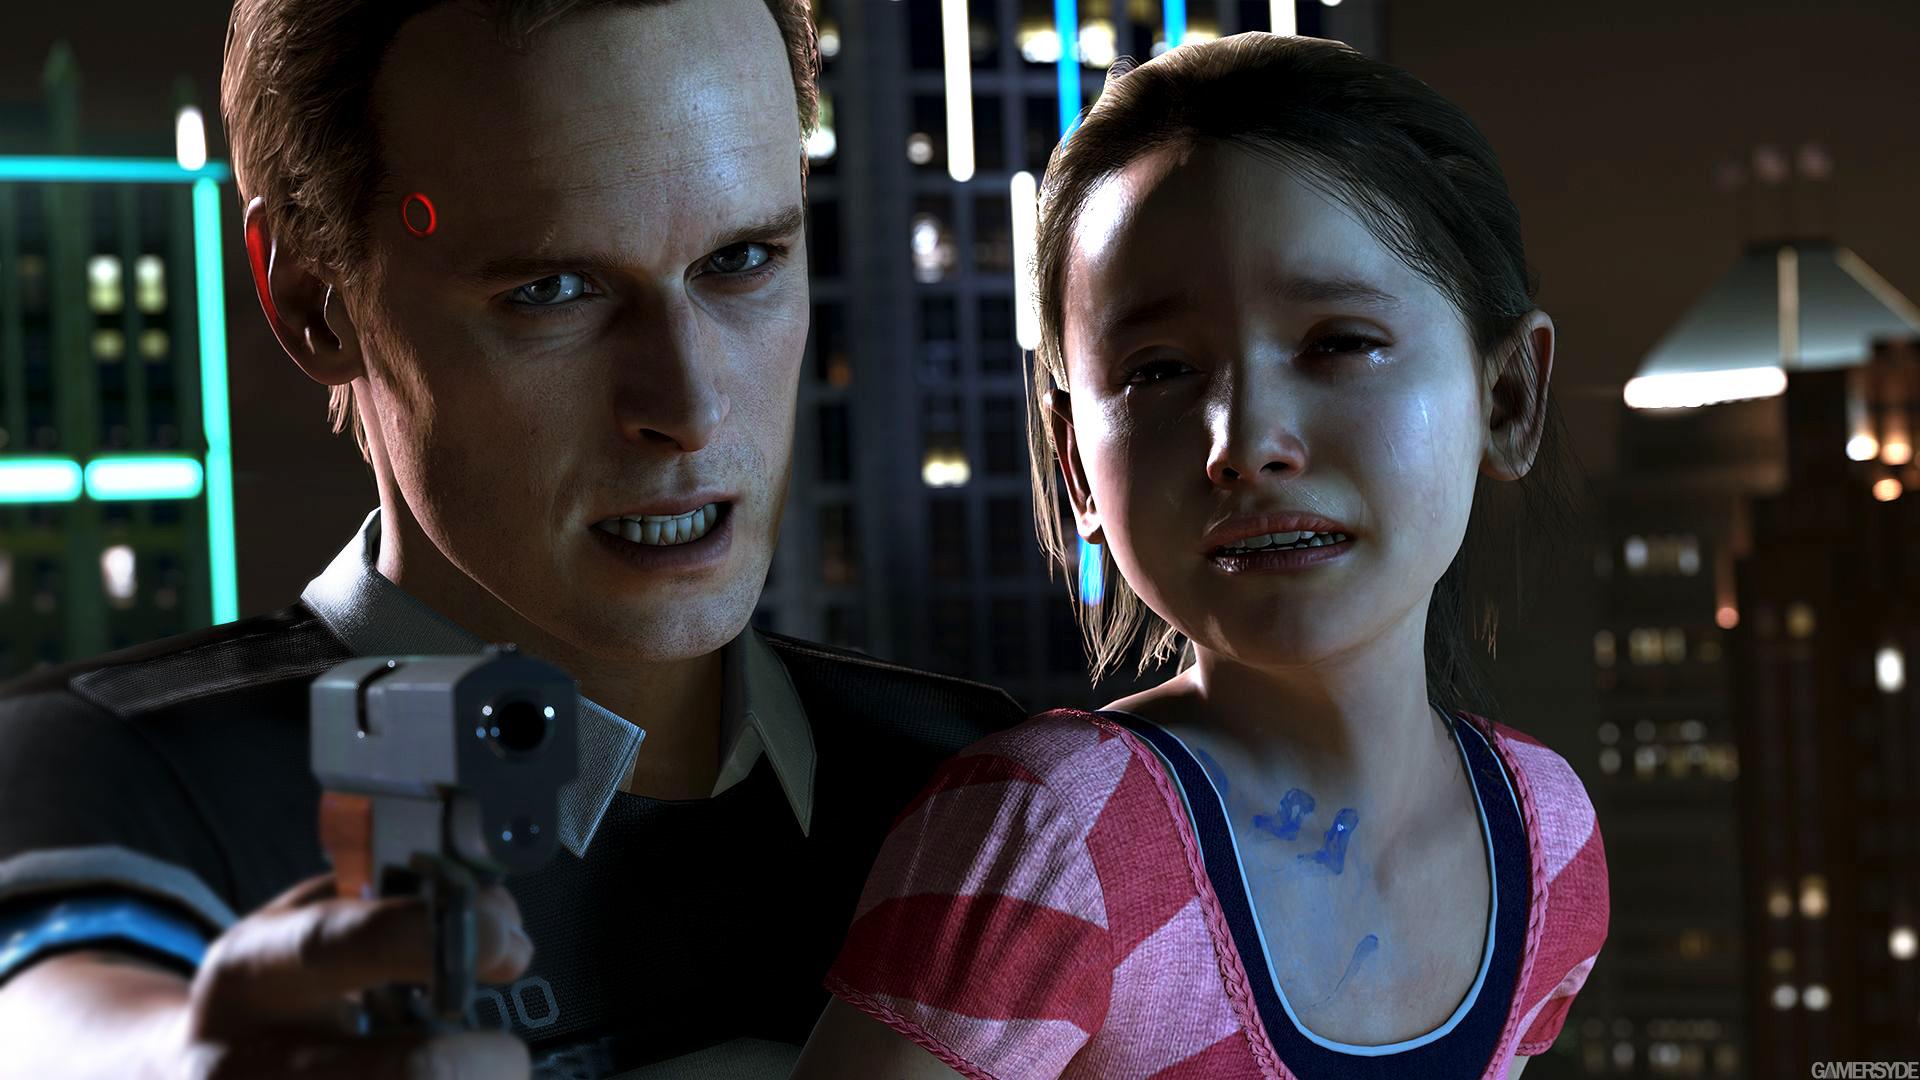 دیویدکیج: Detroit: Become Human تنها یک بازی ویدئویی است